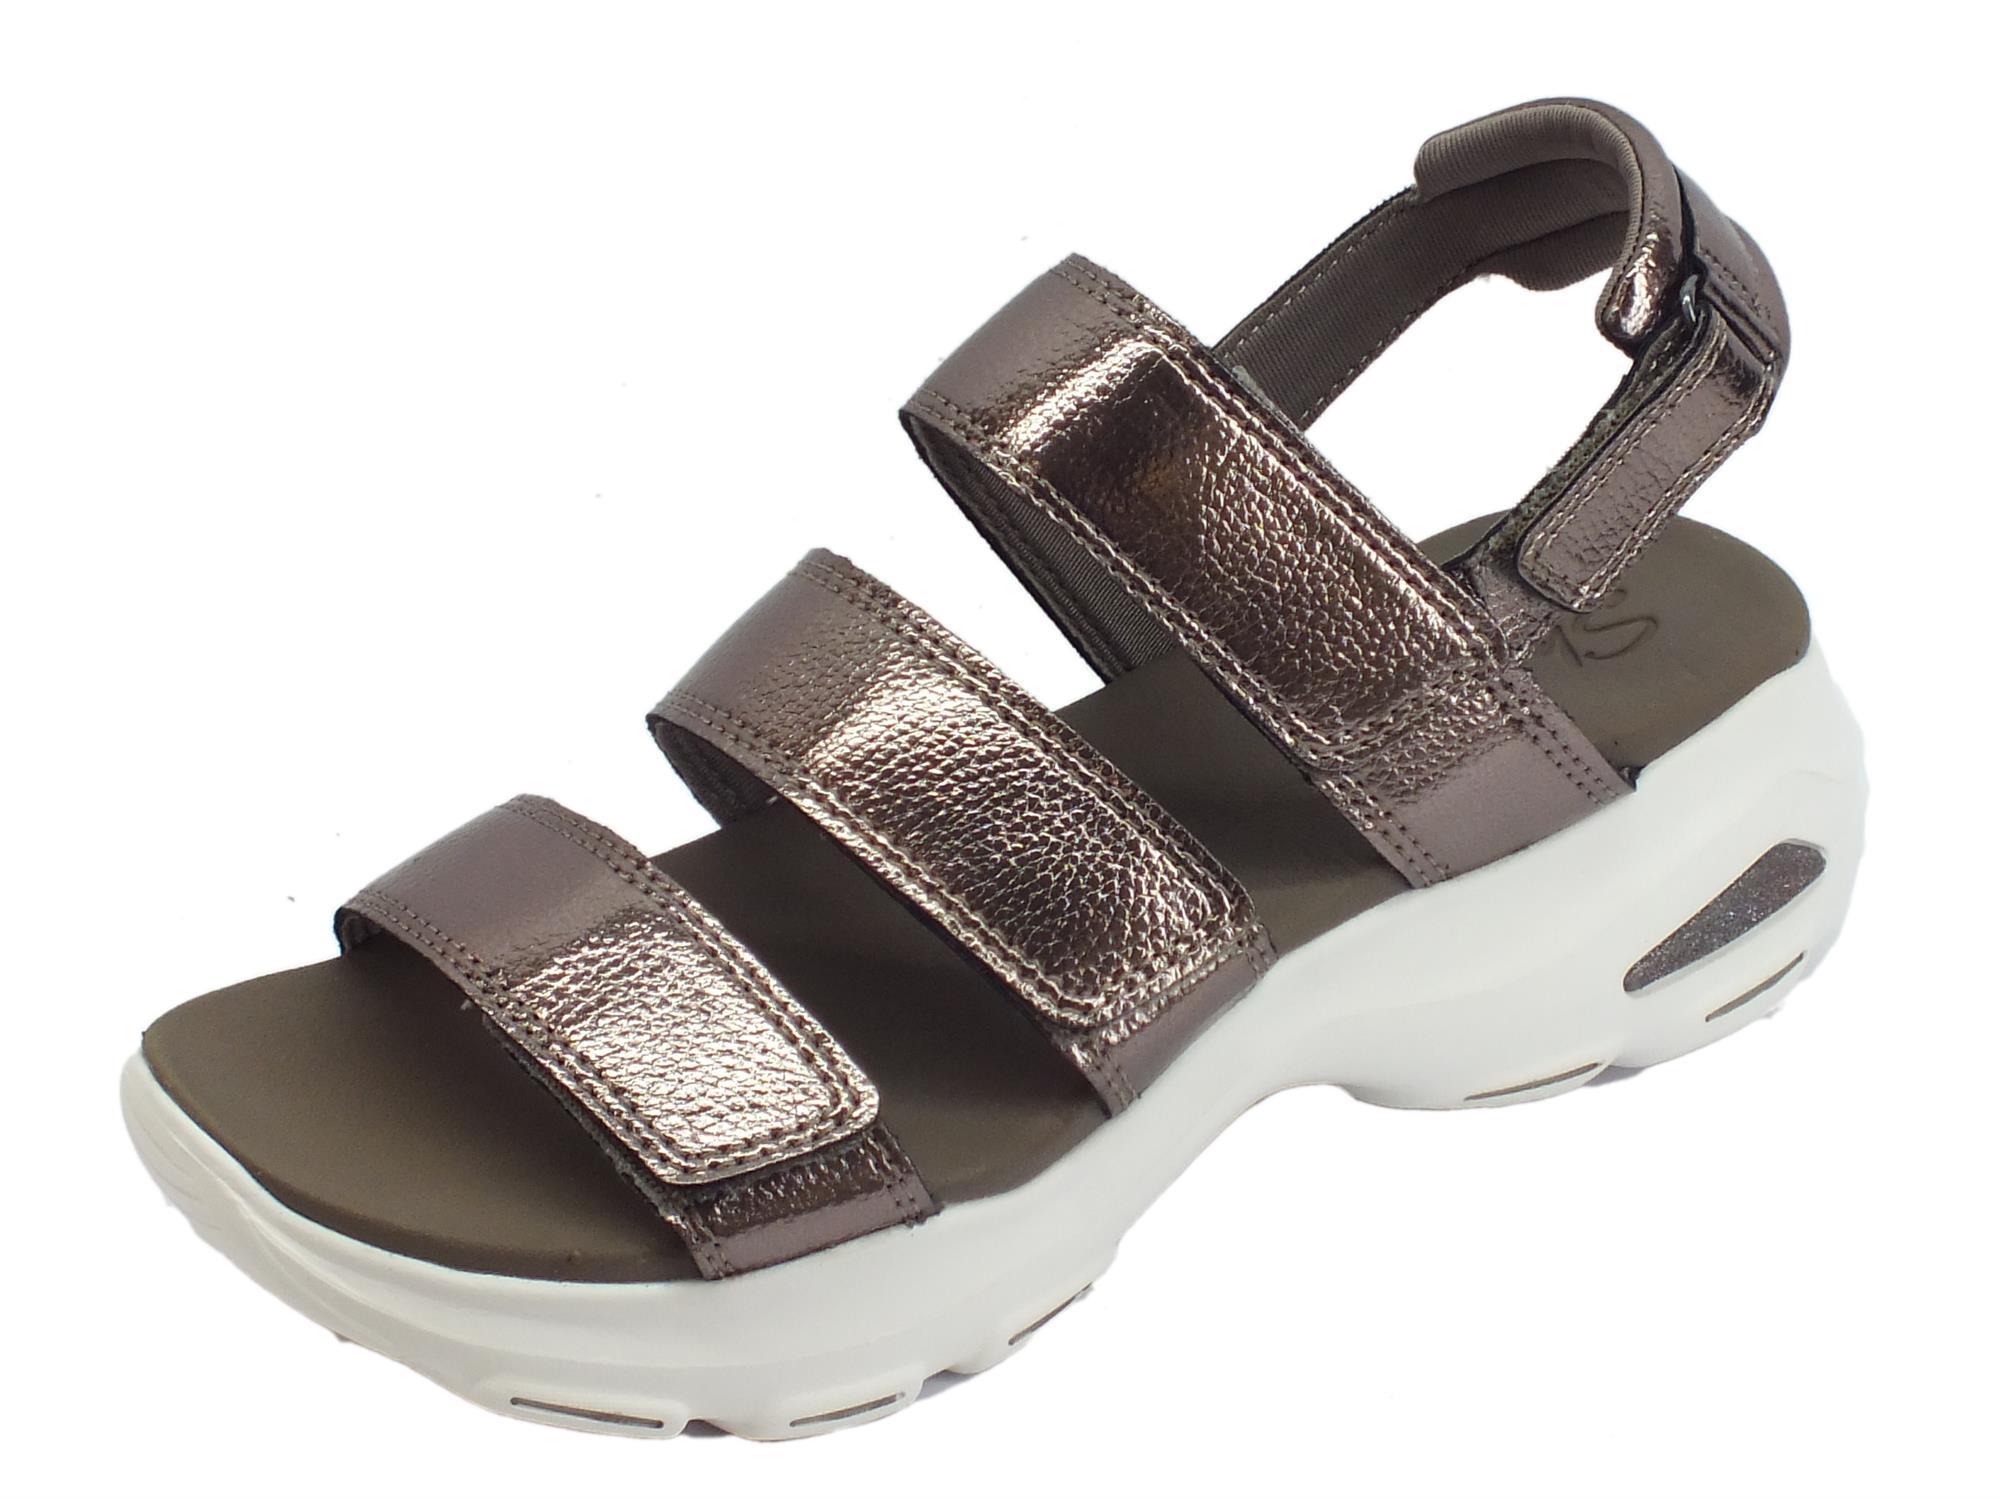 Skechers D'Lites Ultra Fab Life Pewter sandali sportivi per donna peltro chiusura a strappo